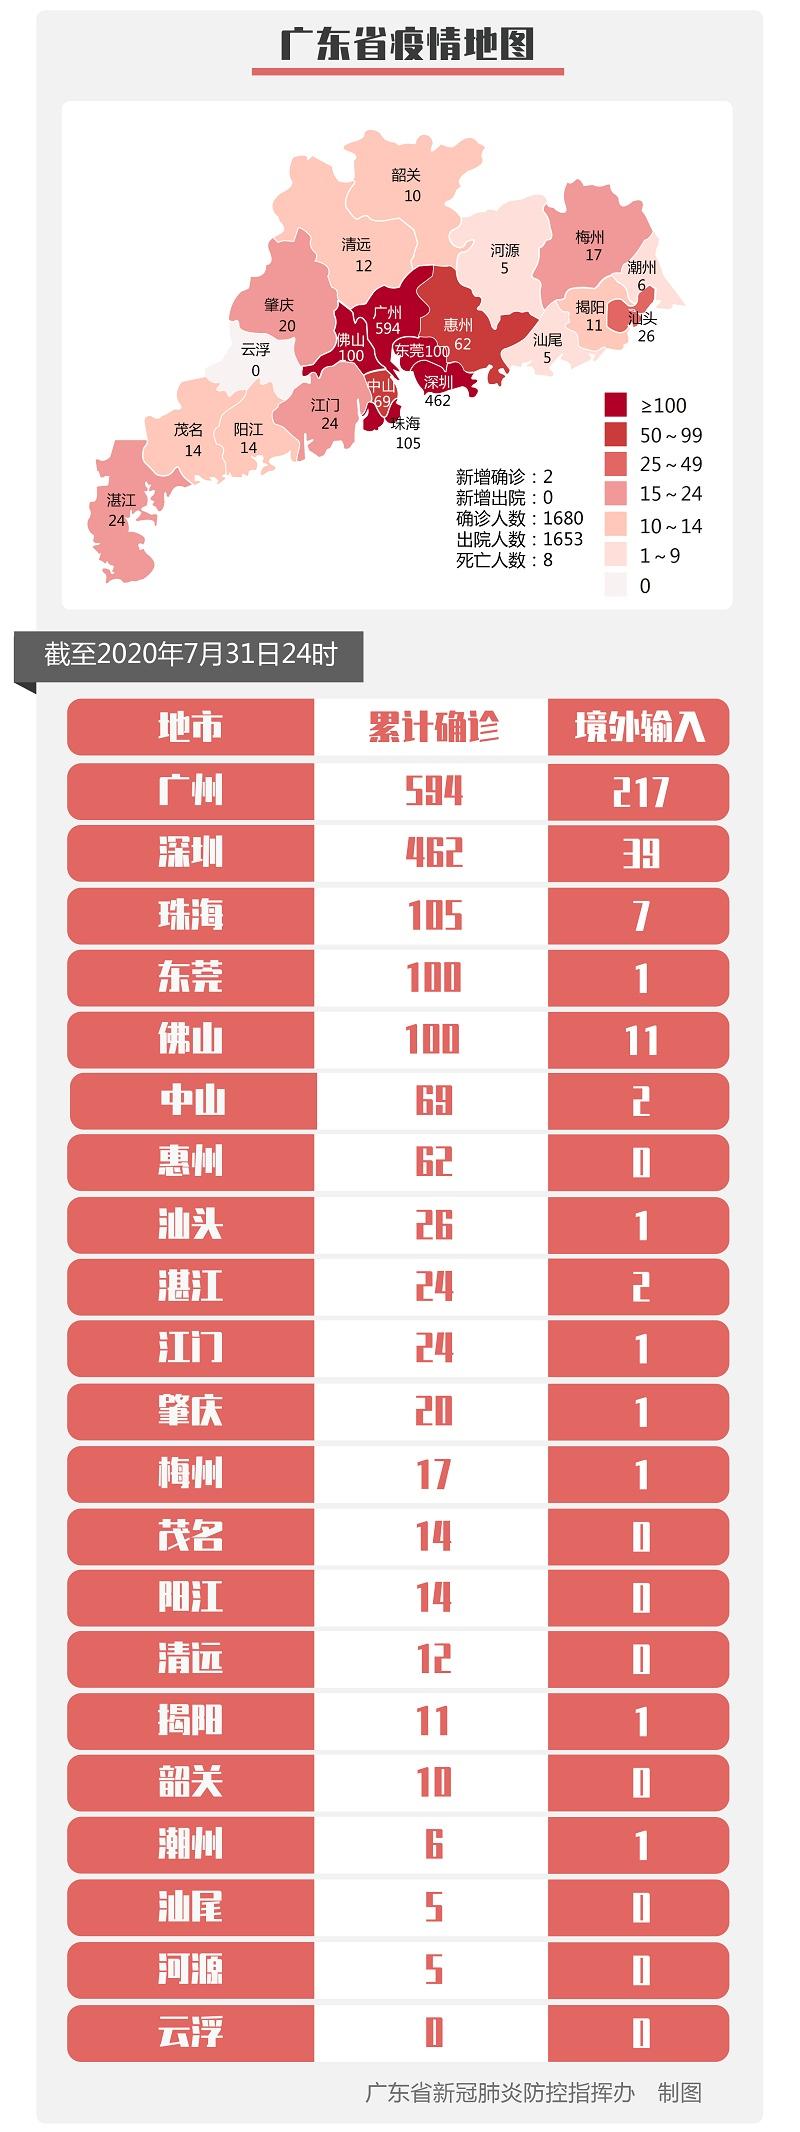 7日,广东省新增5例境外输入确诊病例,广州陈诉|广东新增5例境外输入确诊病